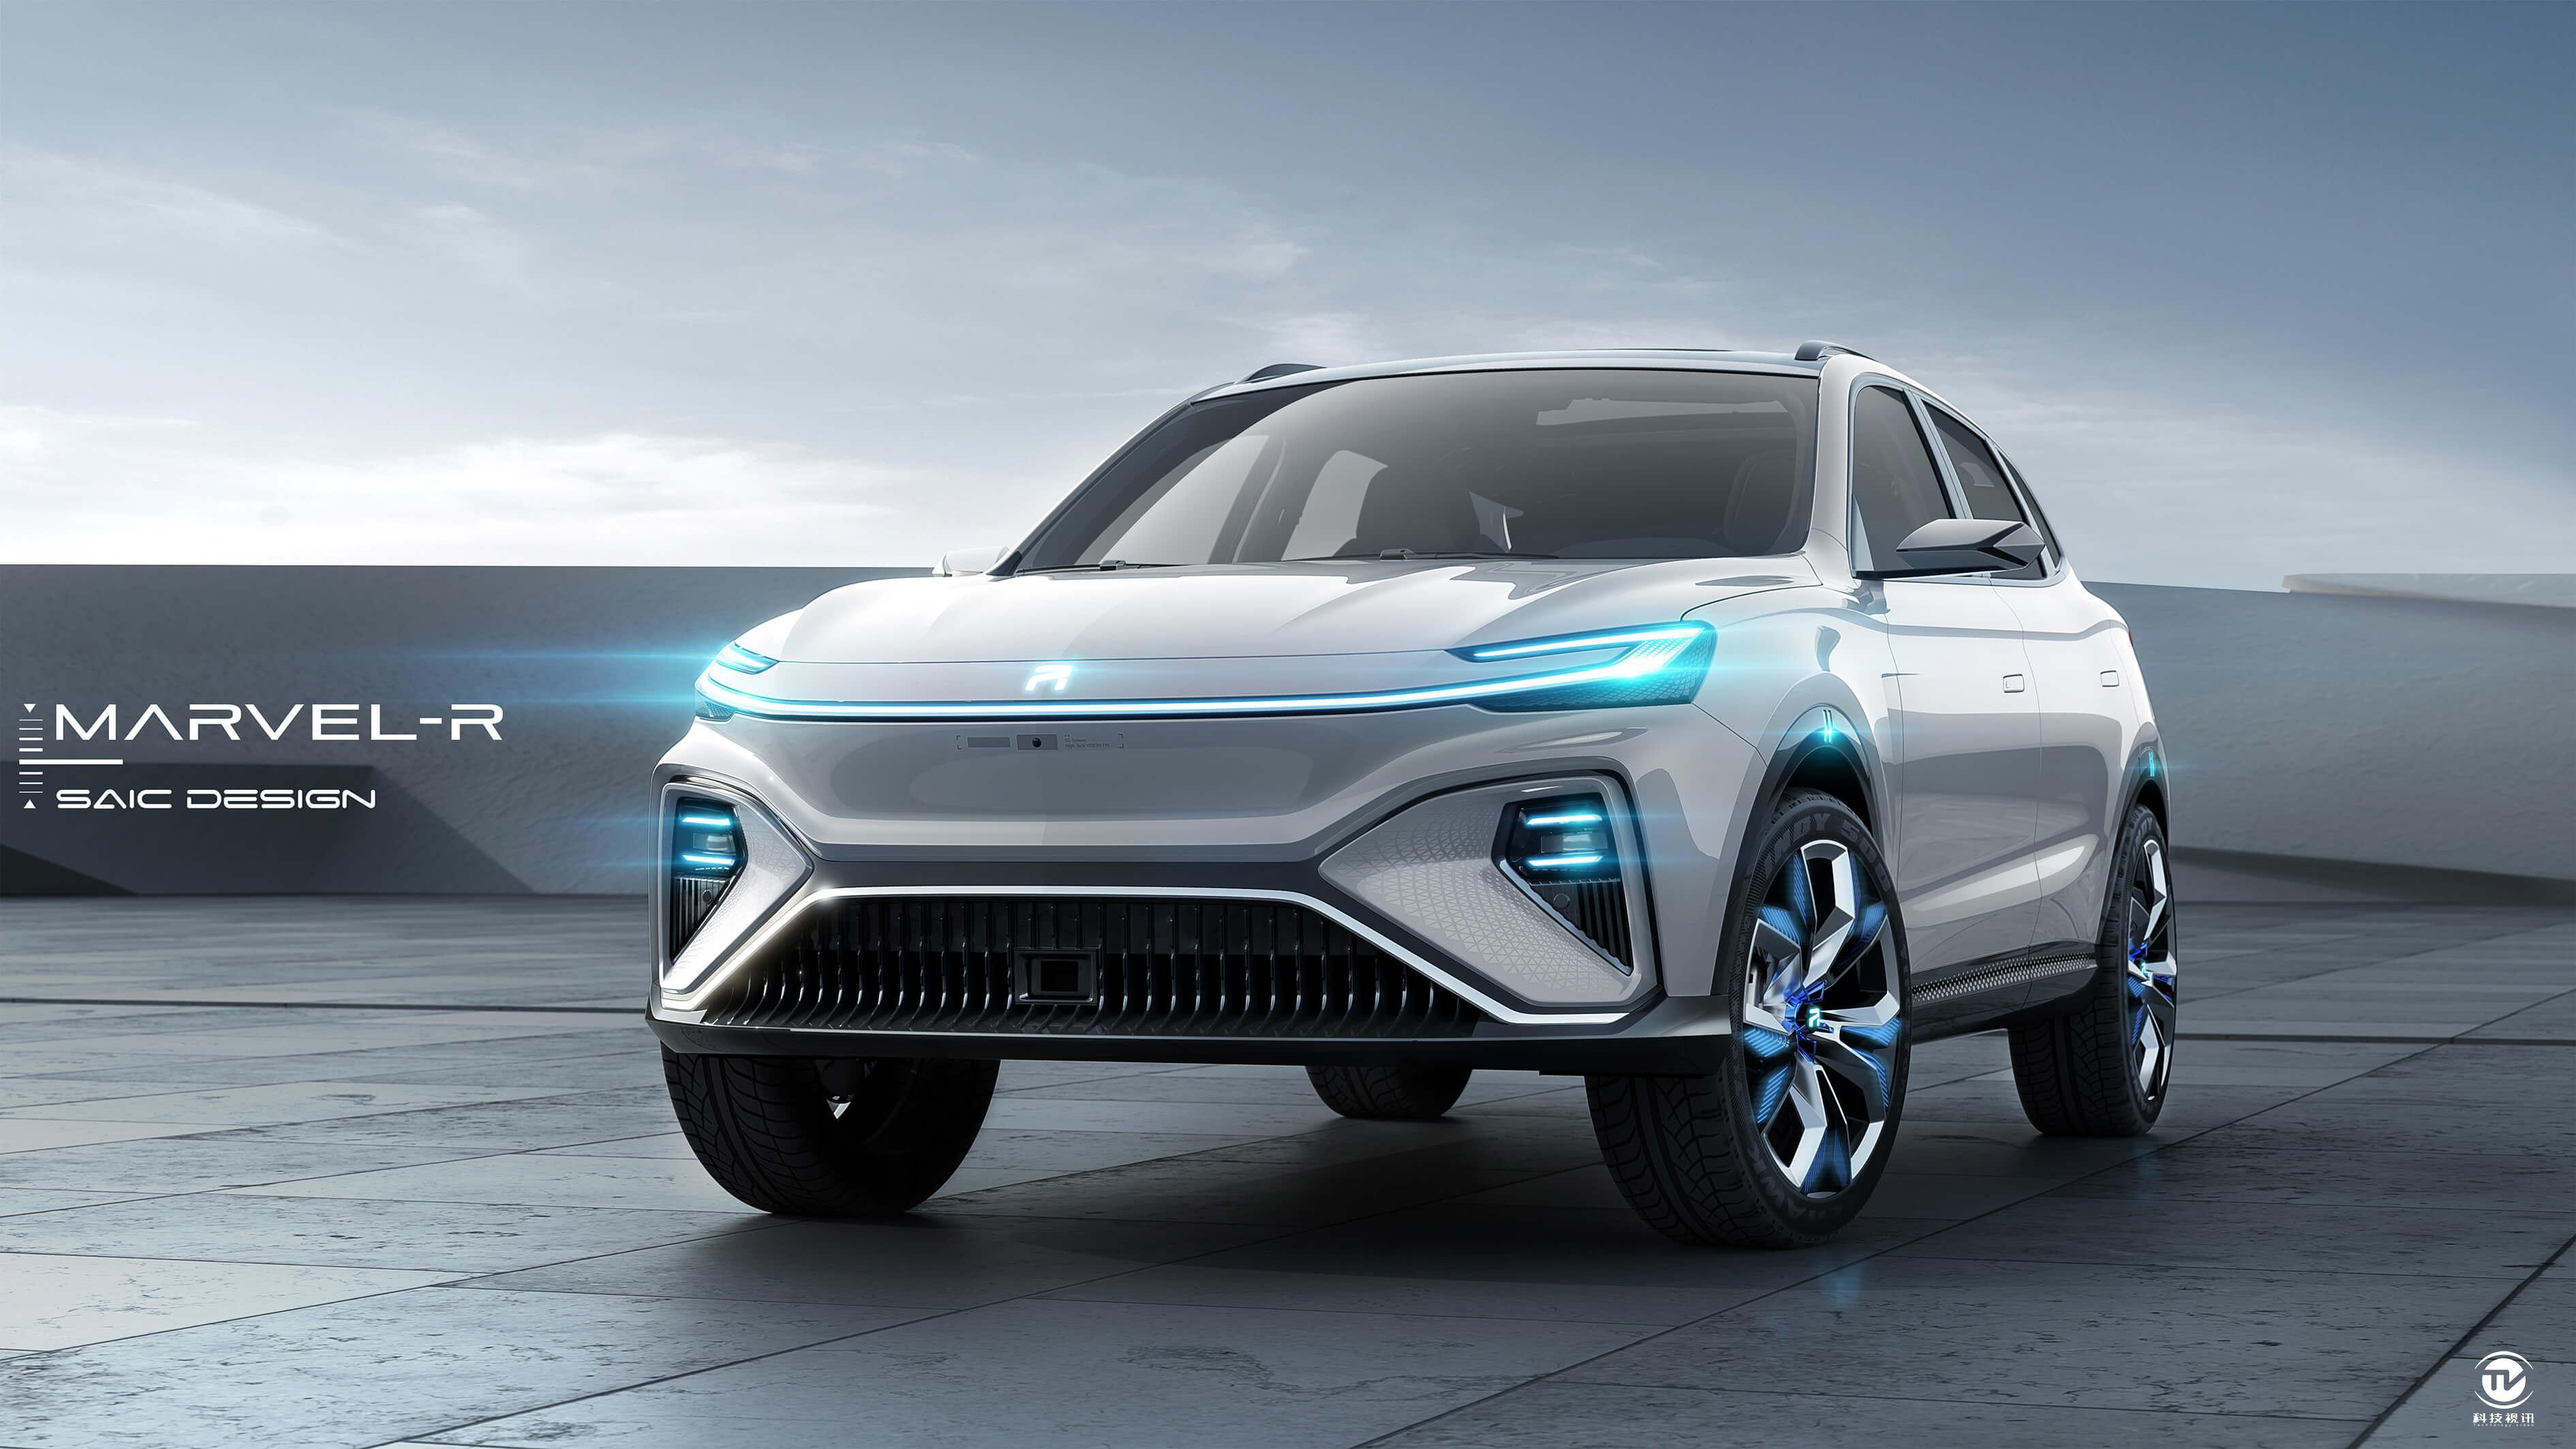 新闻稿配图3:搭载5G技术和L3级别自动驾驶辅助系统的量产车型——上汽荣威MARVEL-R.jpg